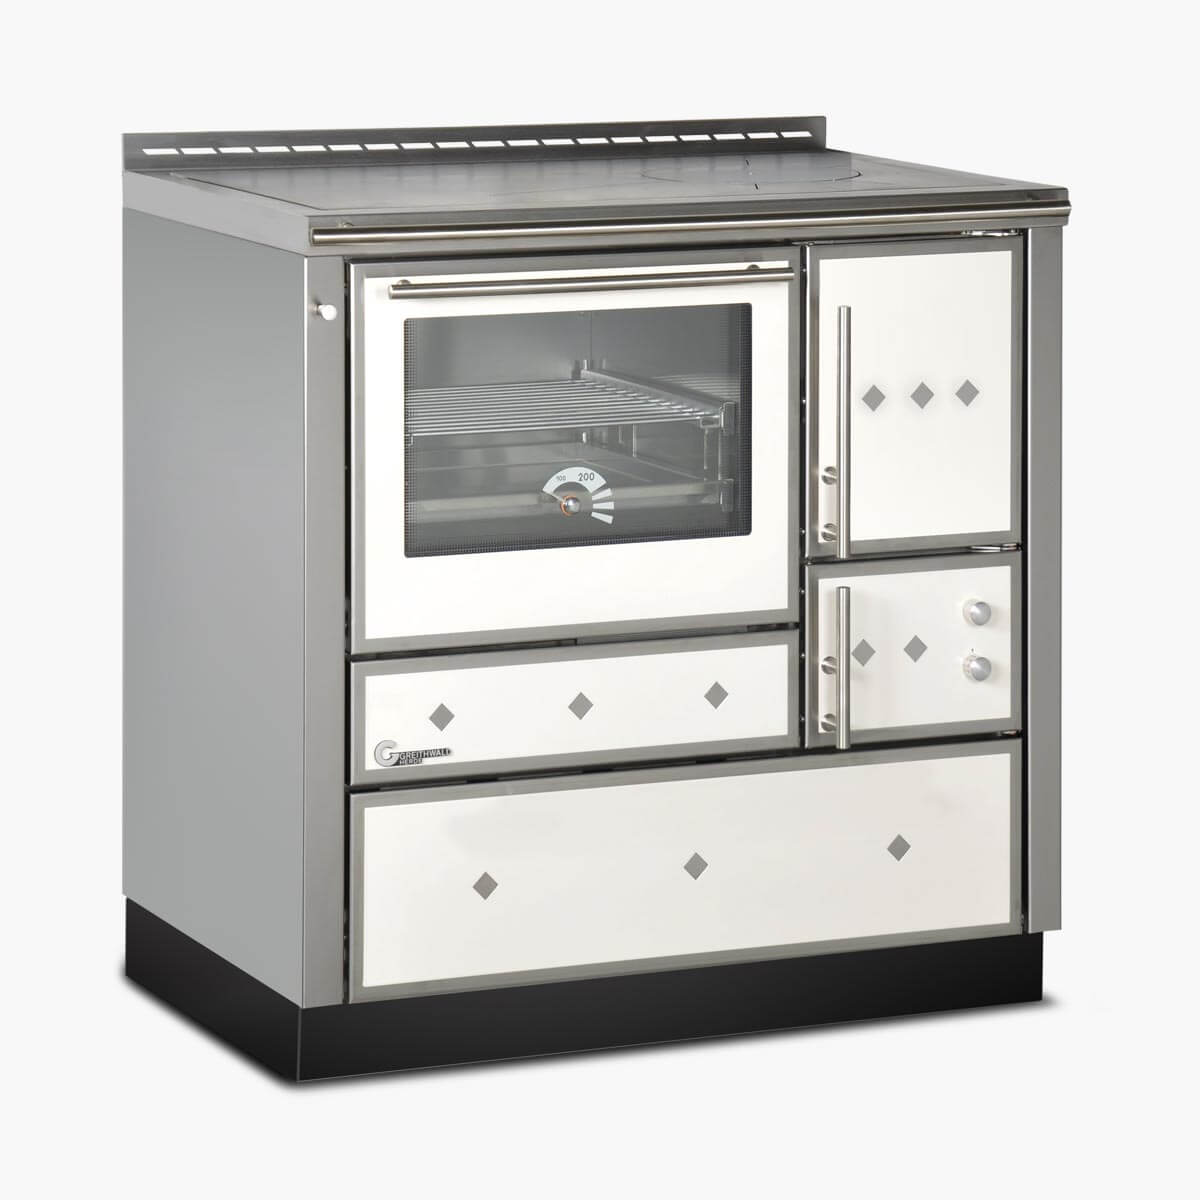 Cucina modello Öko Easy 80